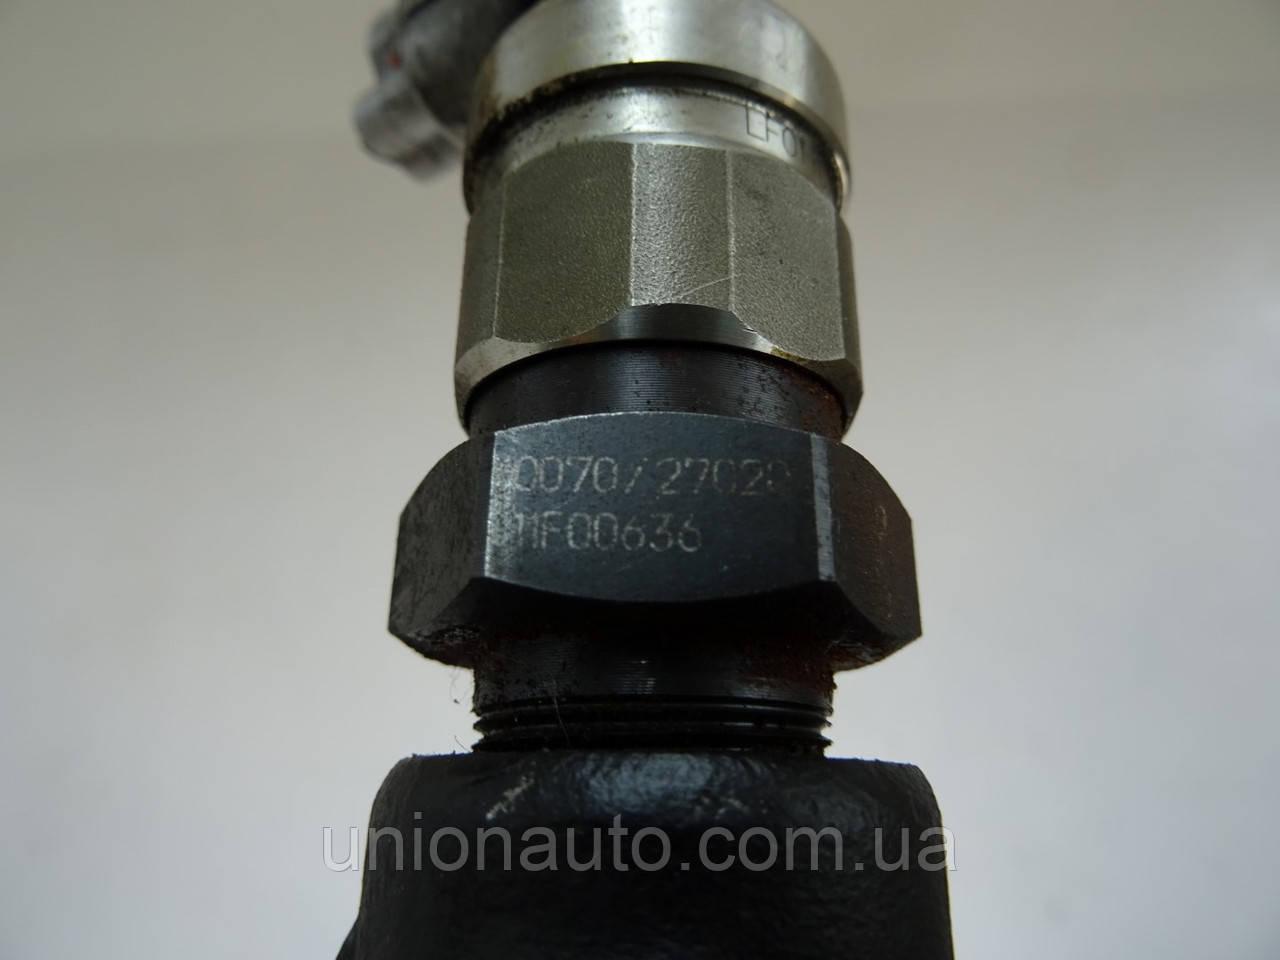 COROLLA VERSO 2.0 D4D Регулятор, клапан давления подачи топлива 0070/27020